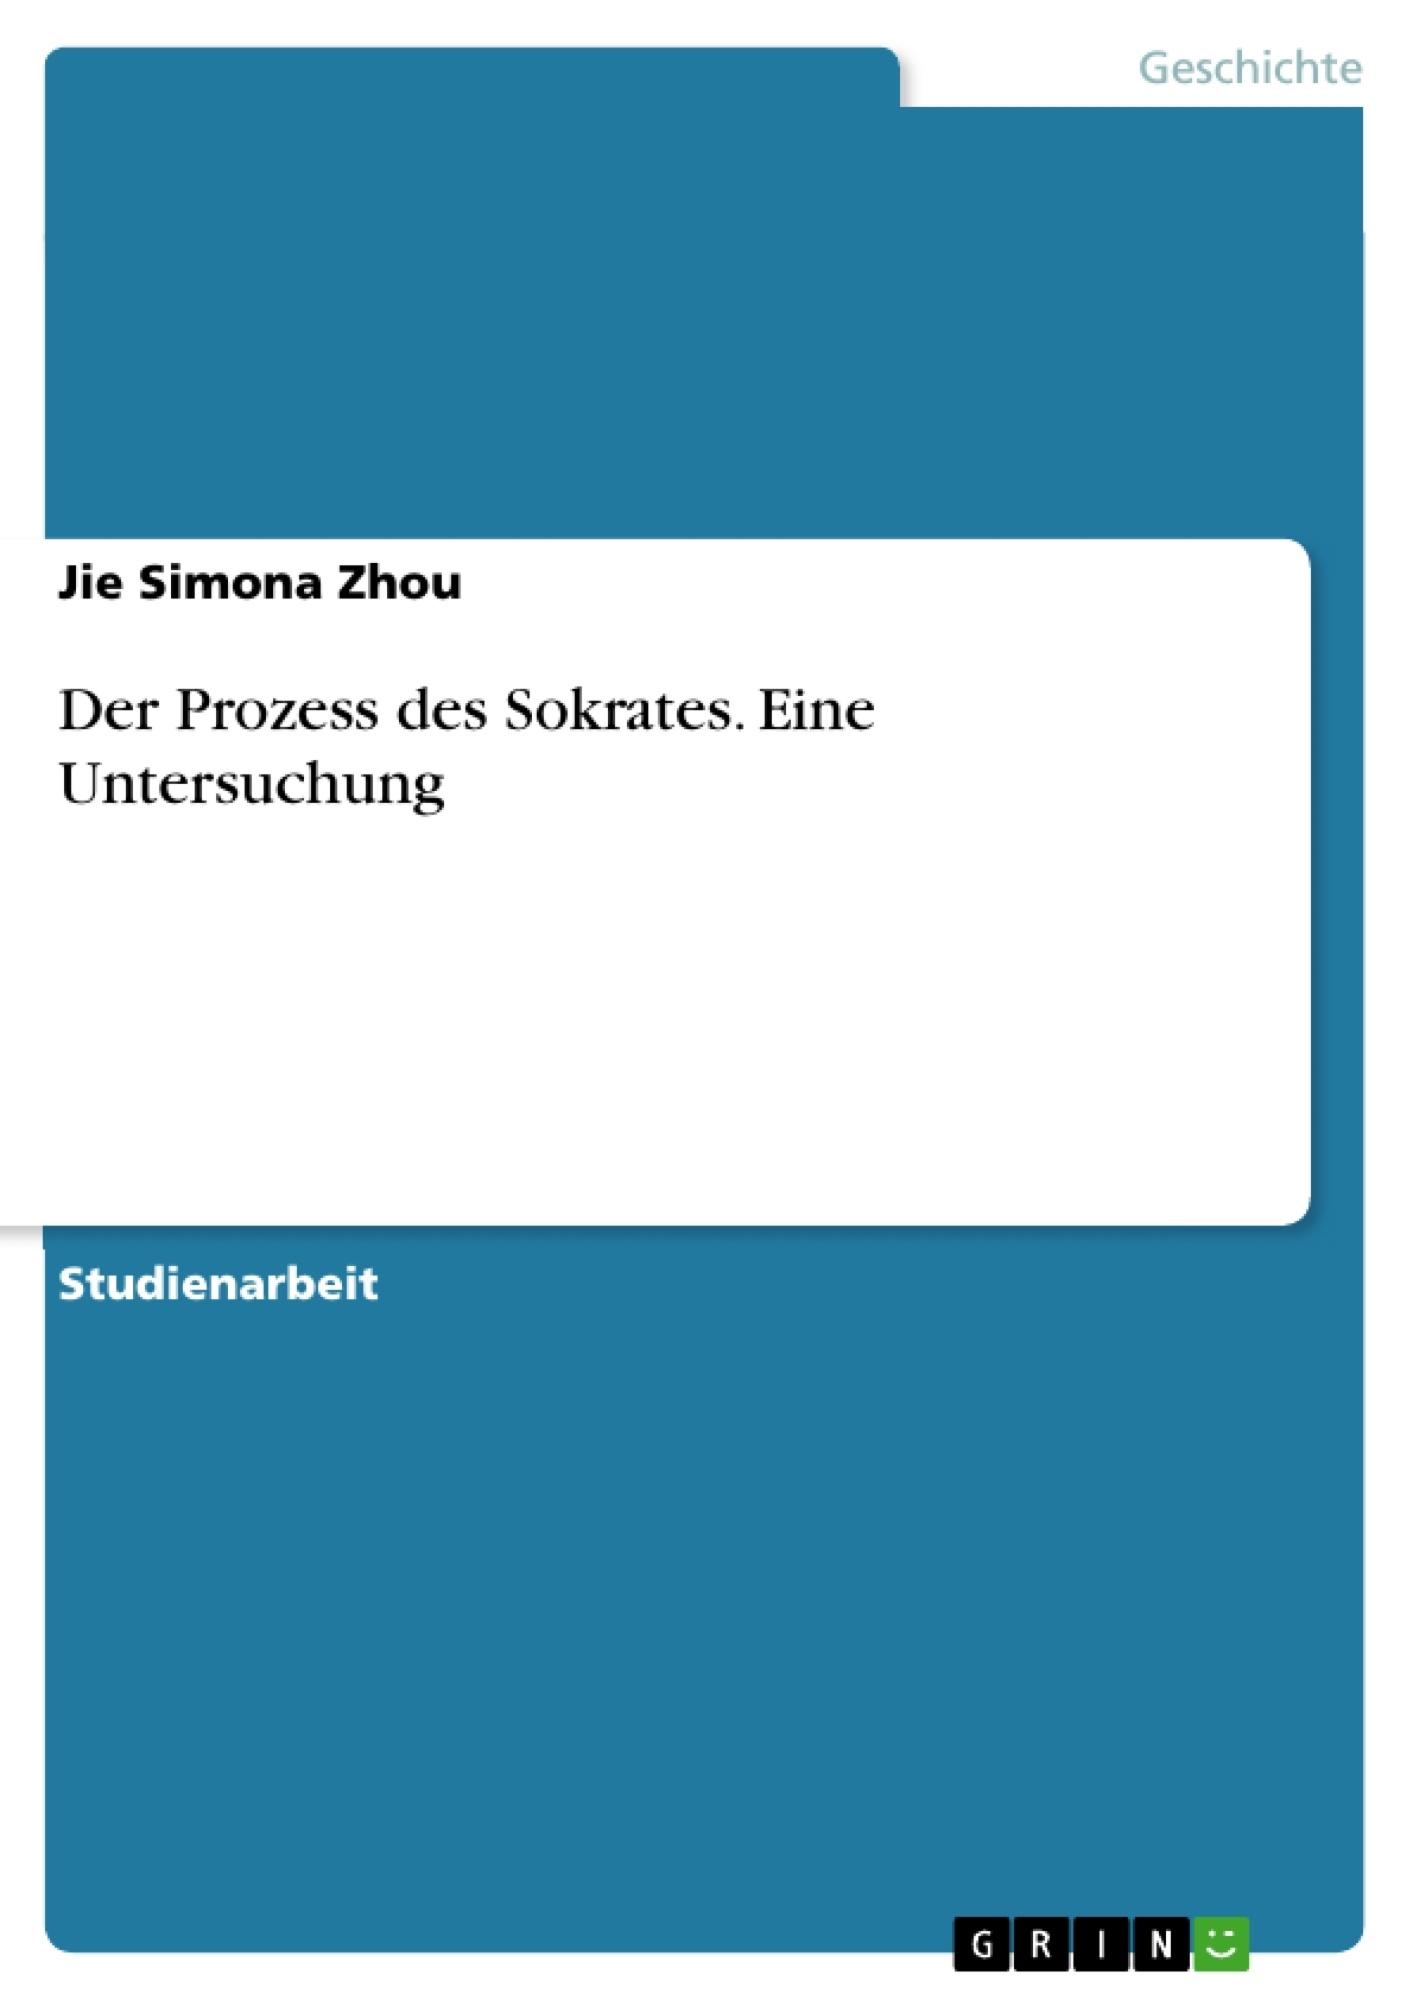 Titel: Der Prozess des Sokrates. Eine Untersuchung